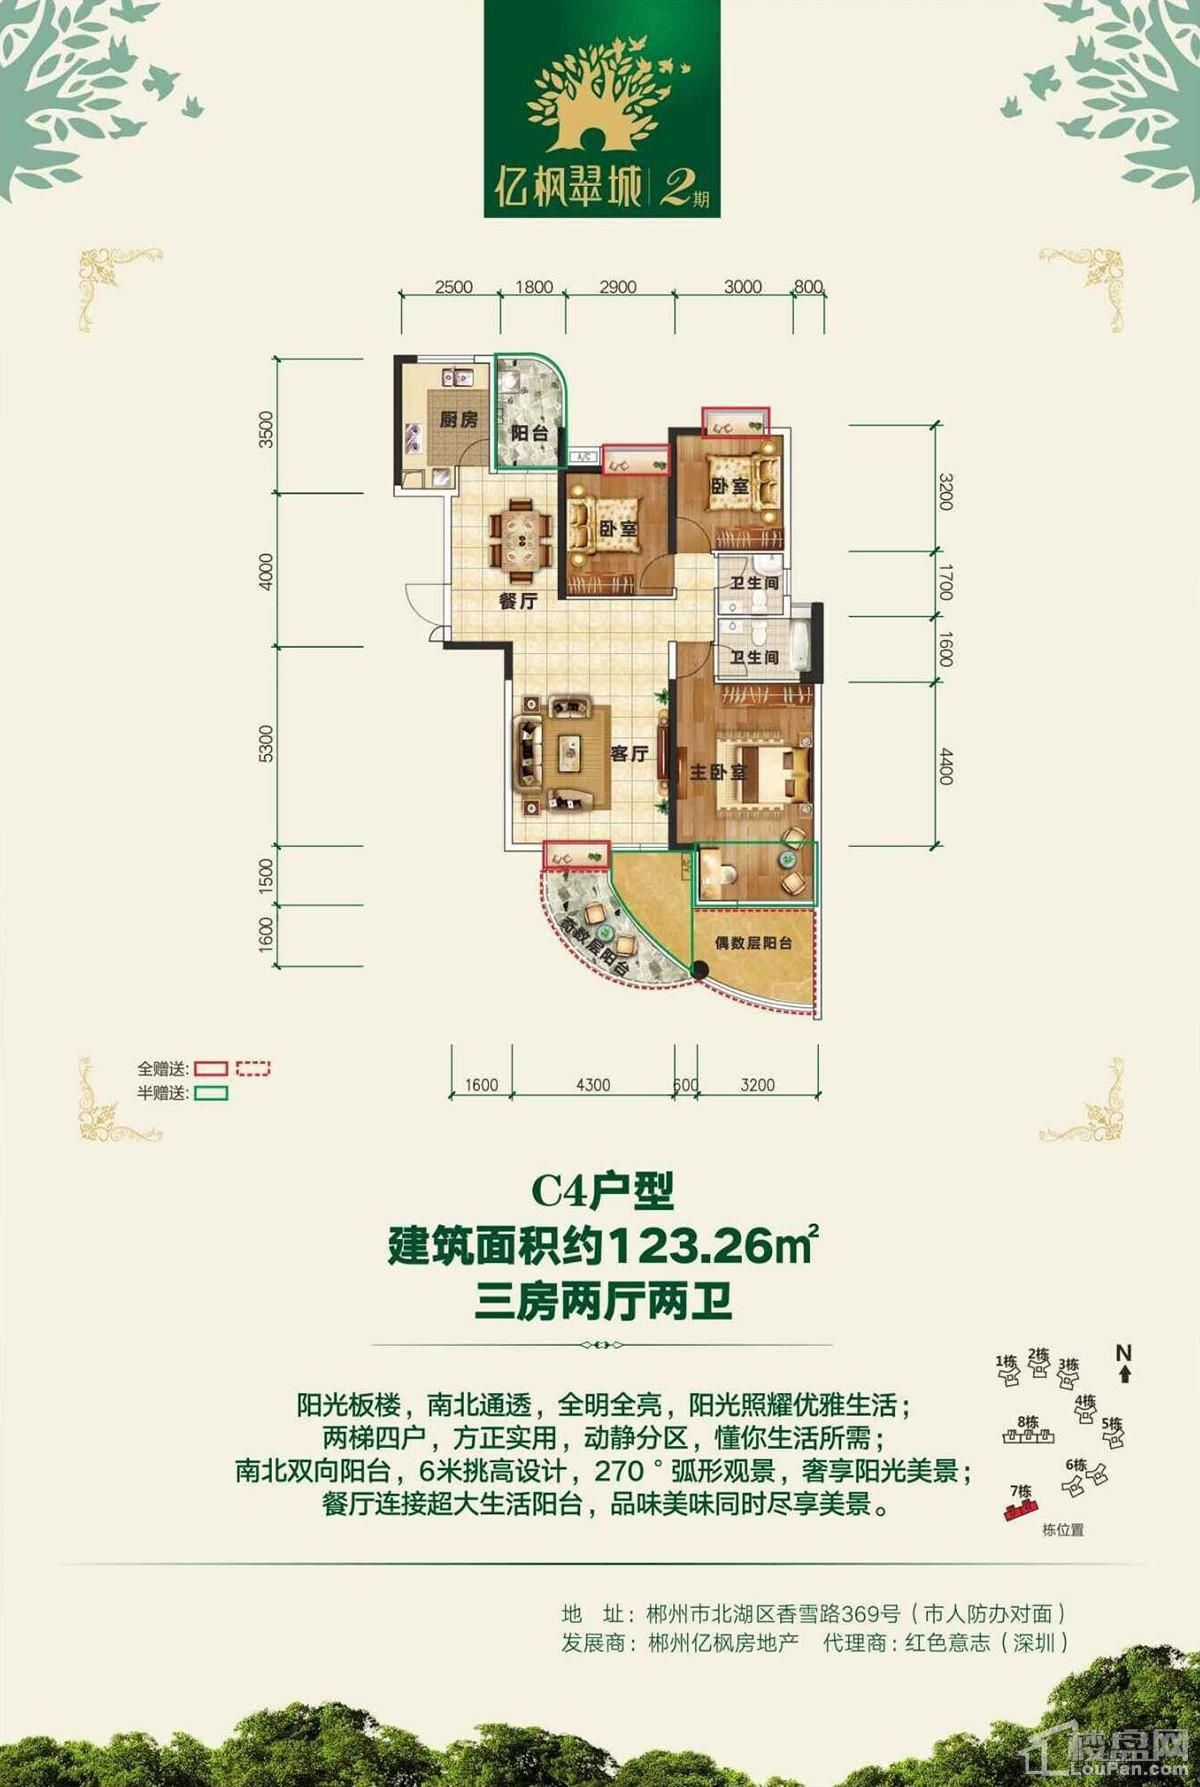 亿枫翠城7栋C4户型